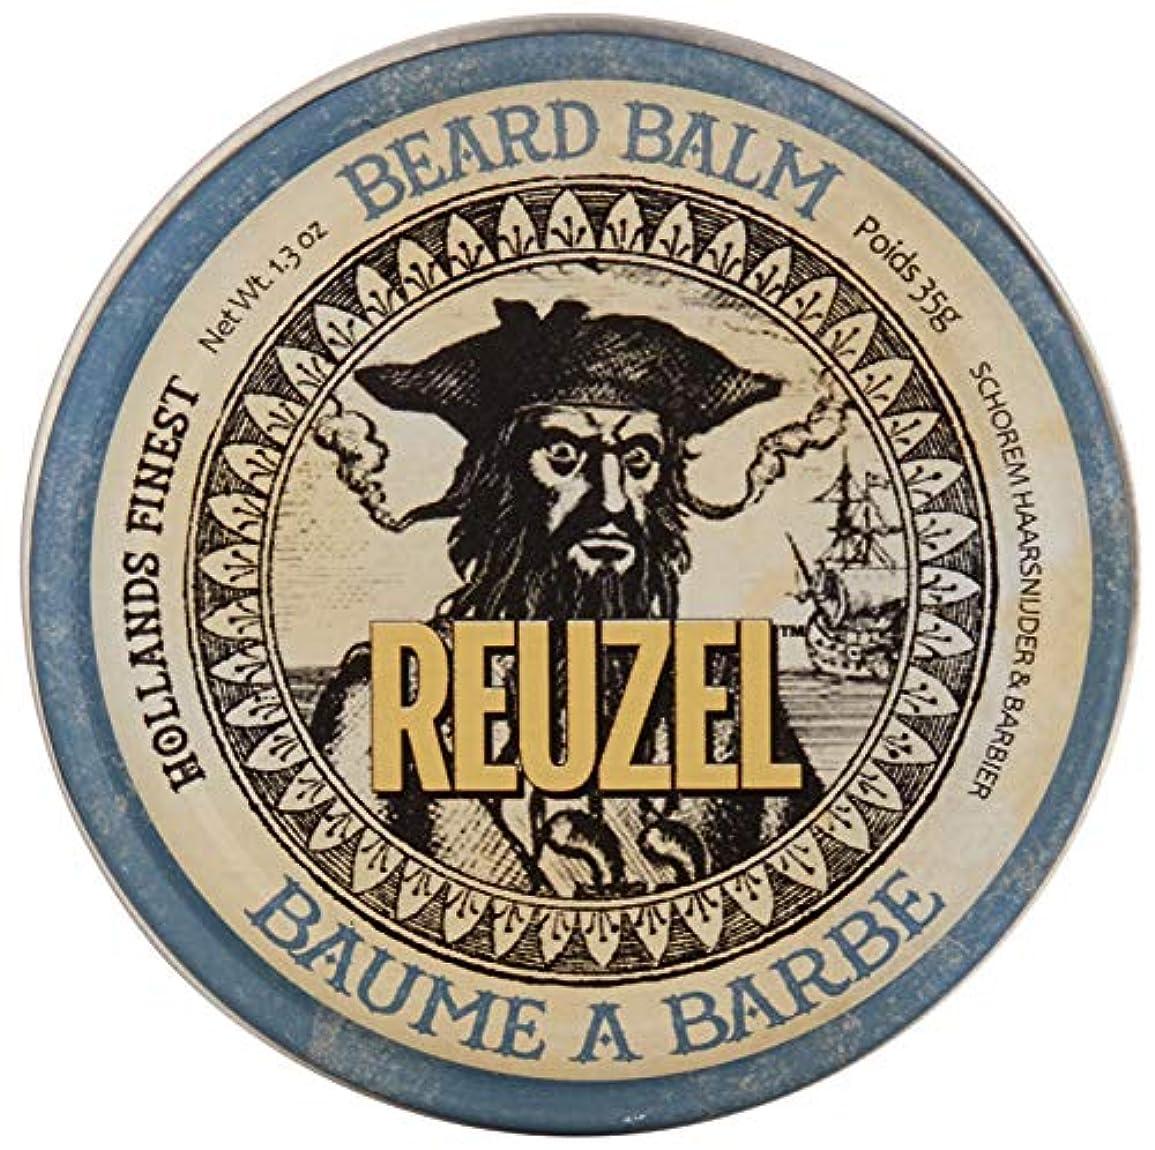 捨てる乳白ソブリケットreuzel BEARD BALM 1.3 oz by REUZEL